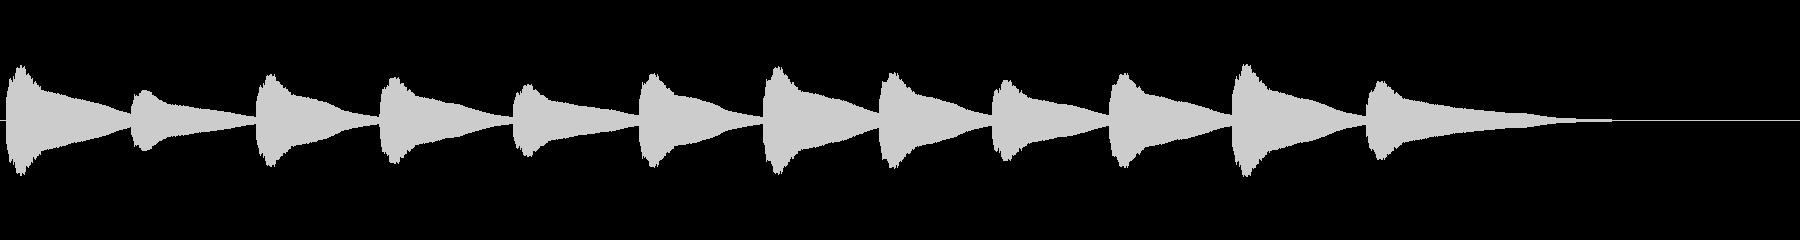 【鐘の音_08】カーン/教会/12時の未再生の波形